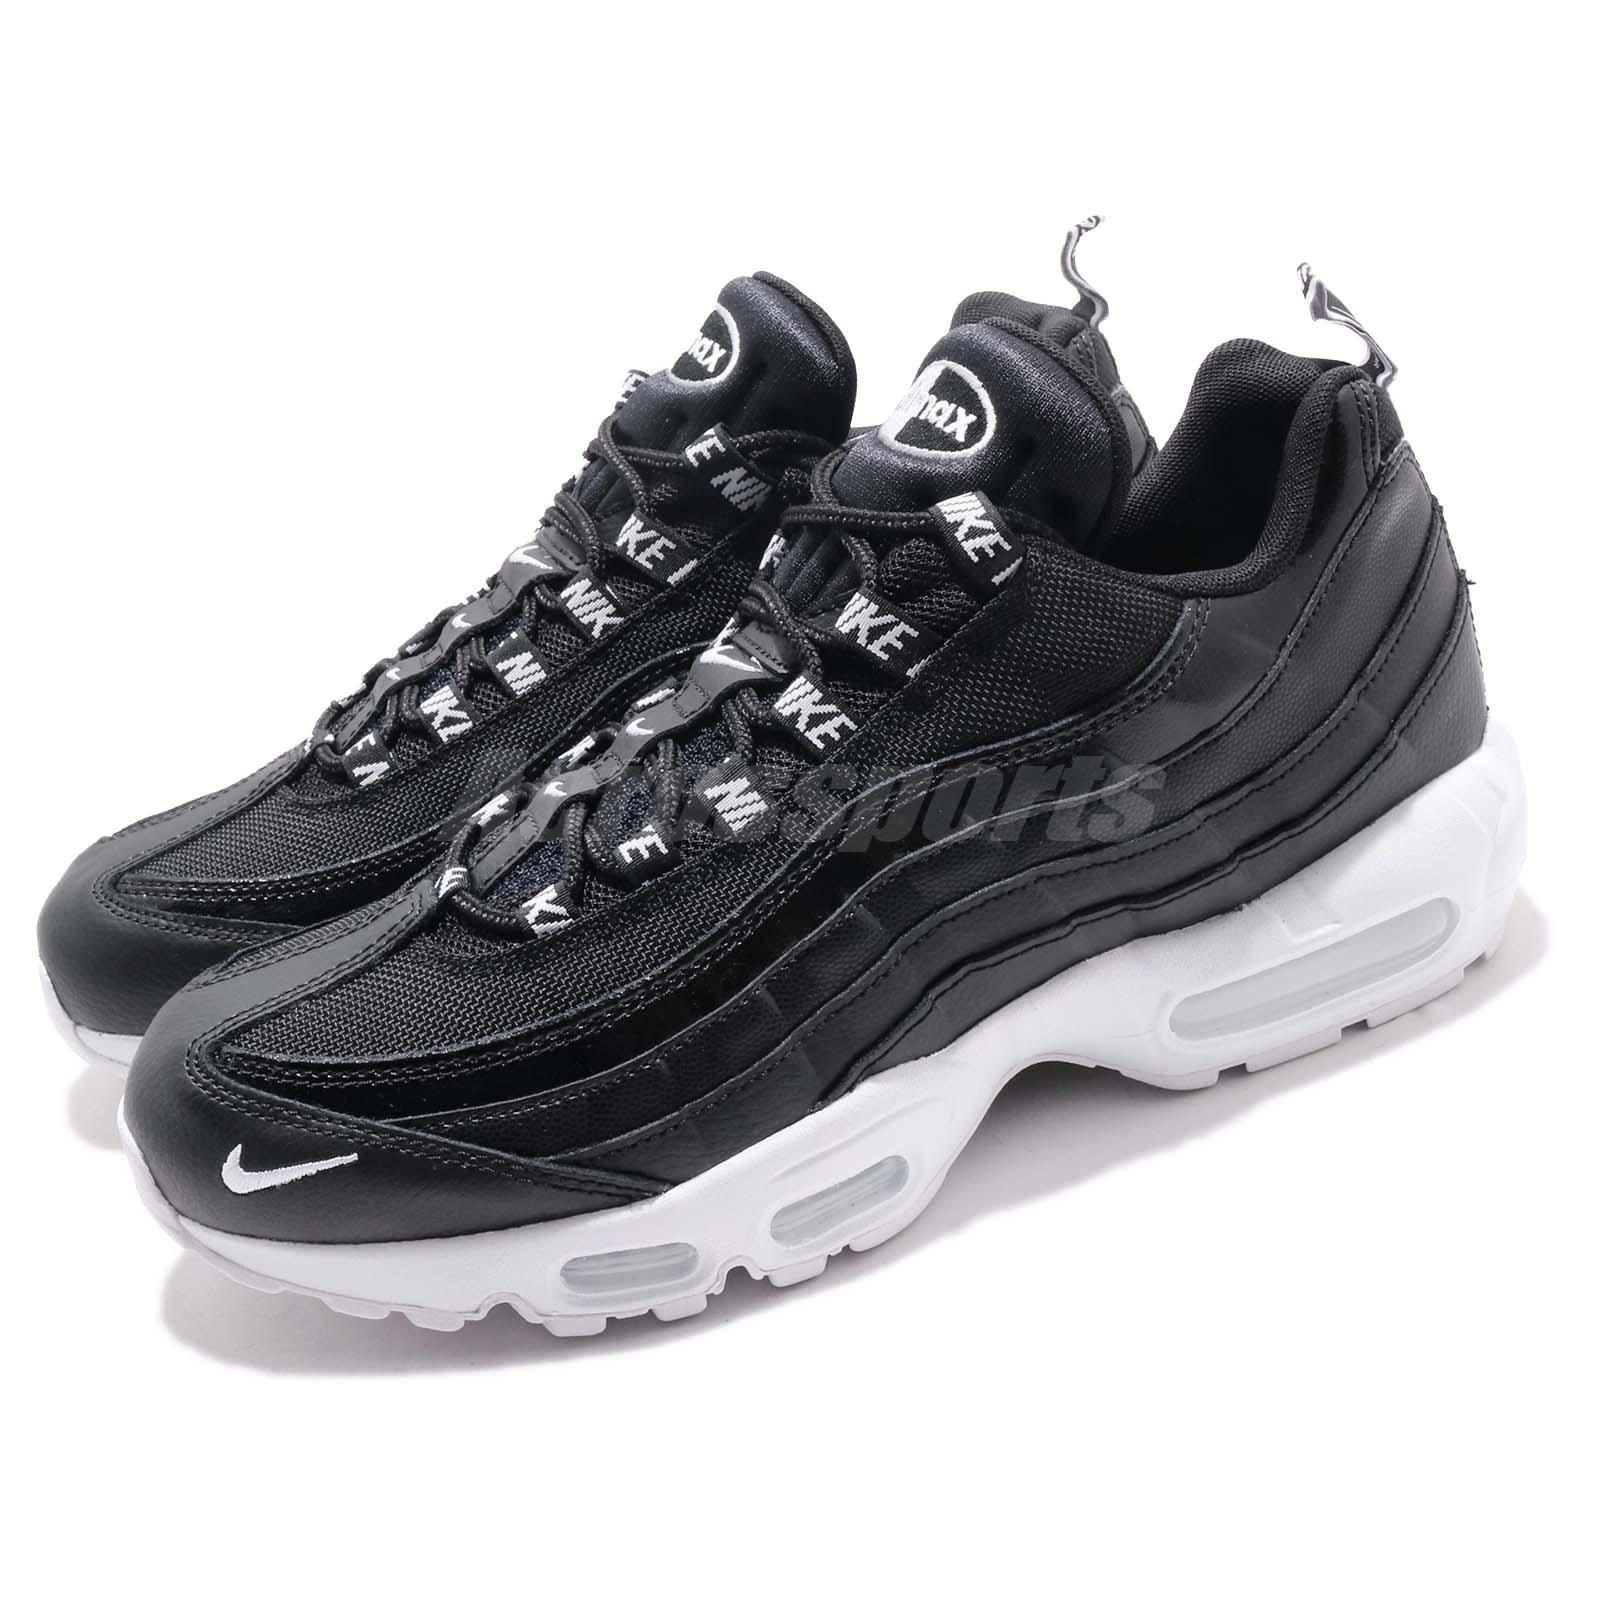 Nike Air Max 95 PRM Overbranded nero bianca Men Running scarpe scarpe da ginnastica 538416-020 | Ottimo mestiere  | Uomini/Donne Scarpa